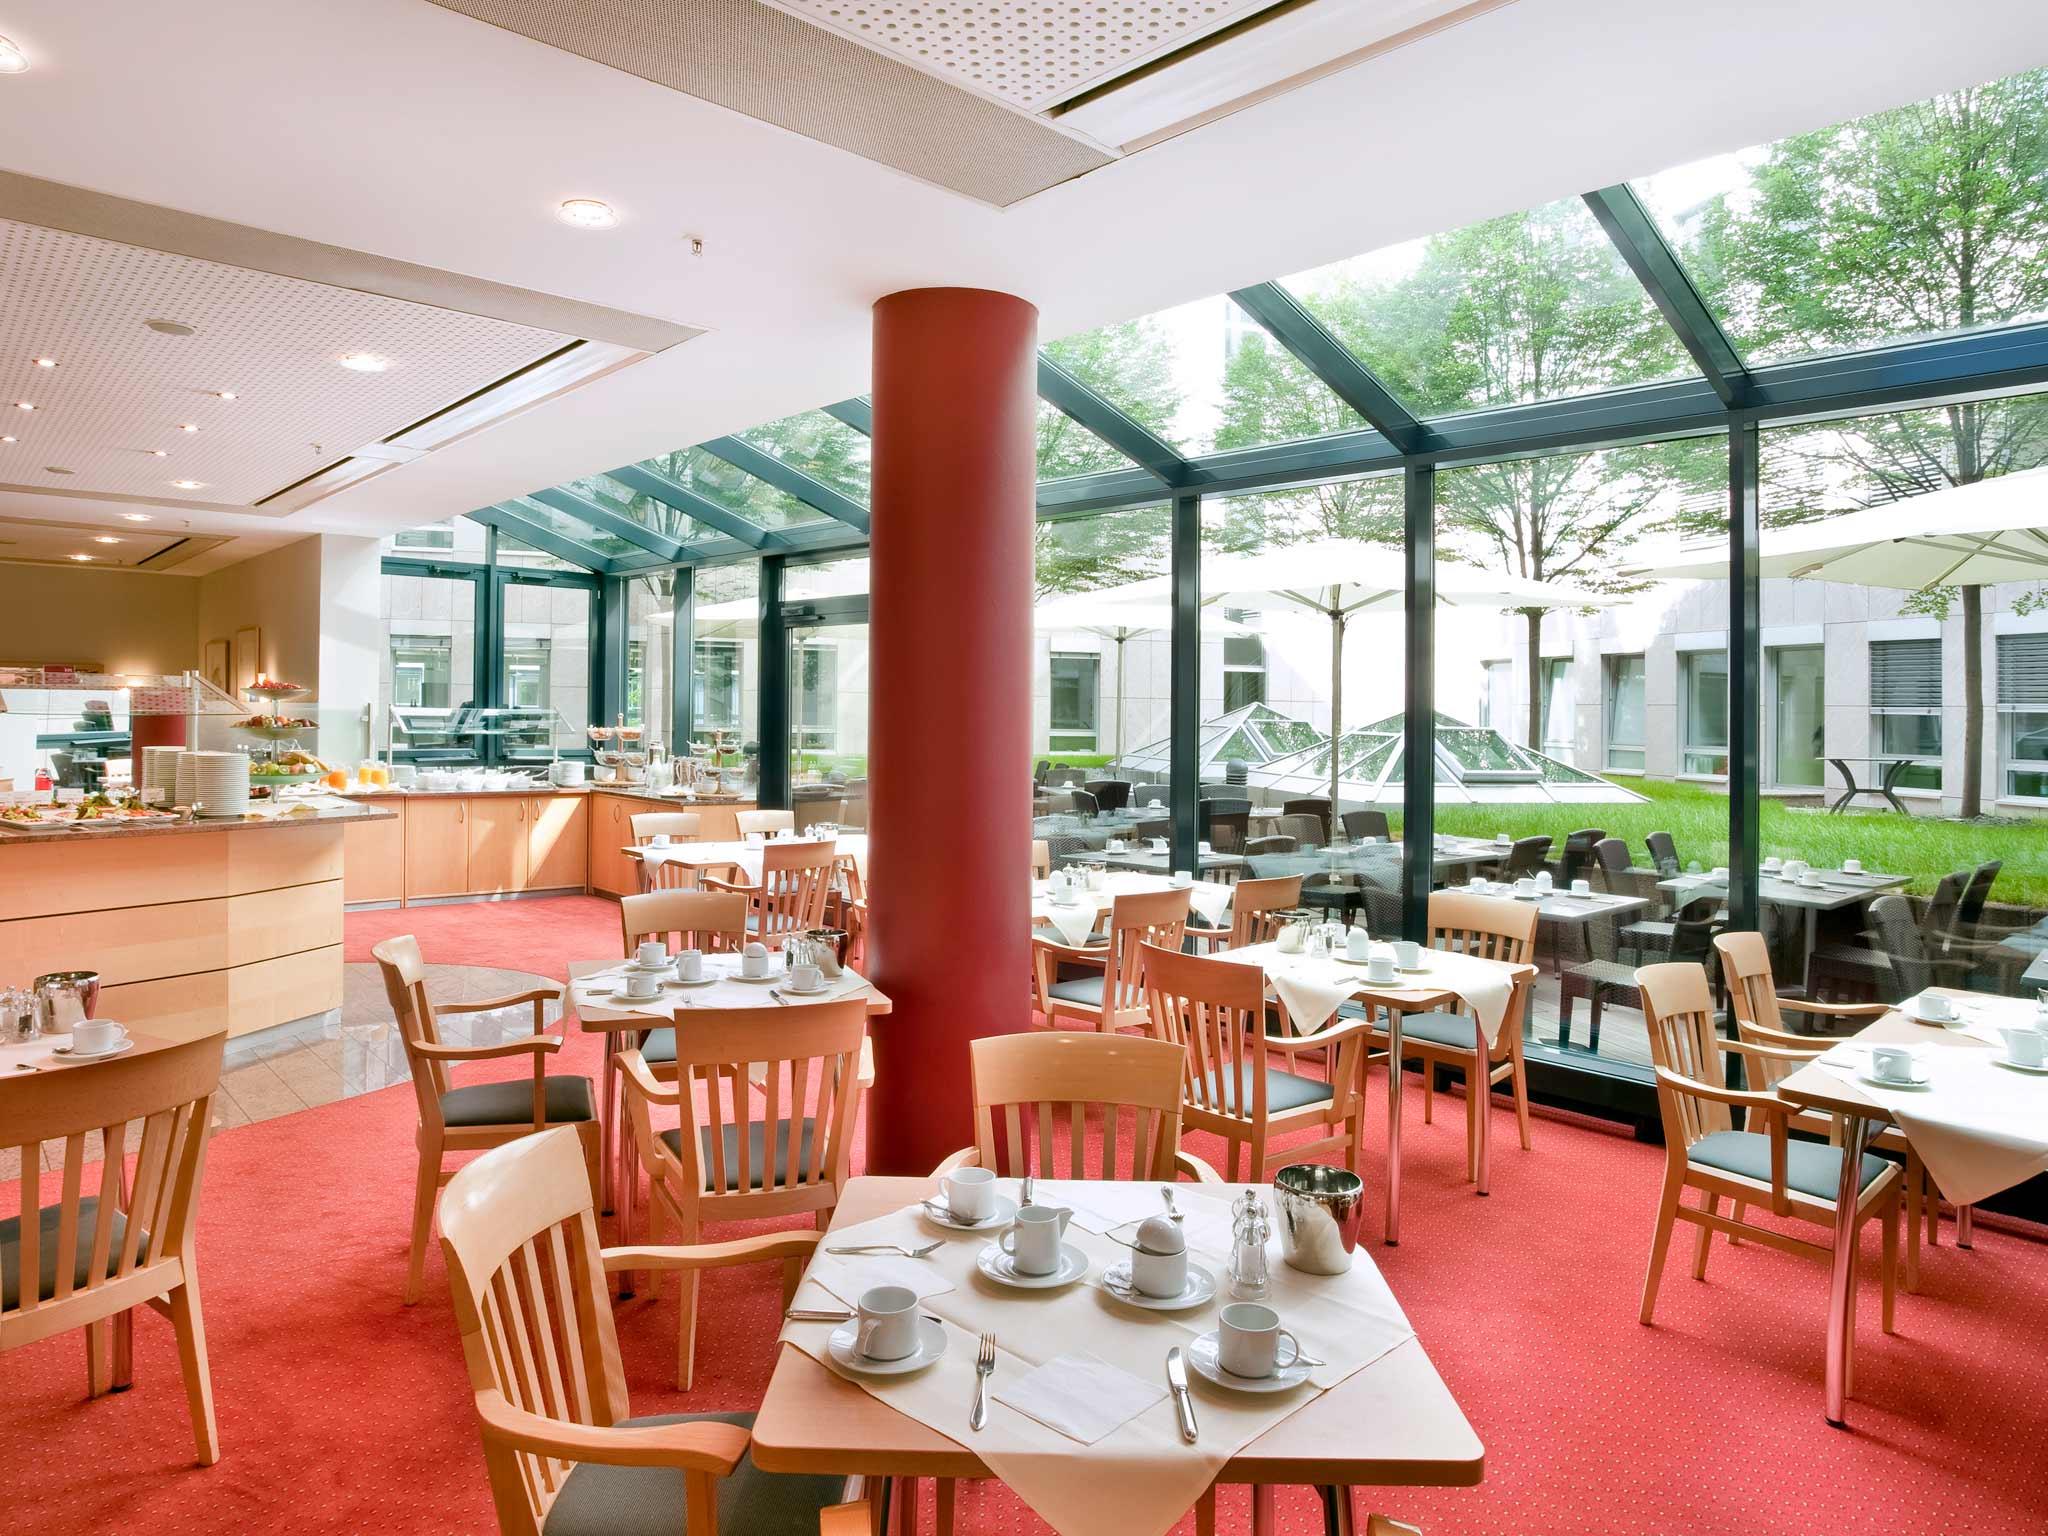 Mercure Hotel Seestern Düsseldorf Gastronomie